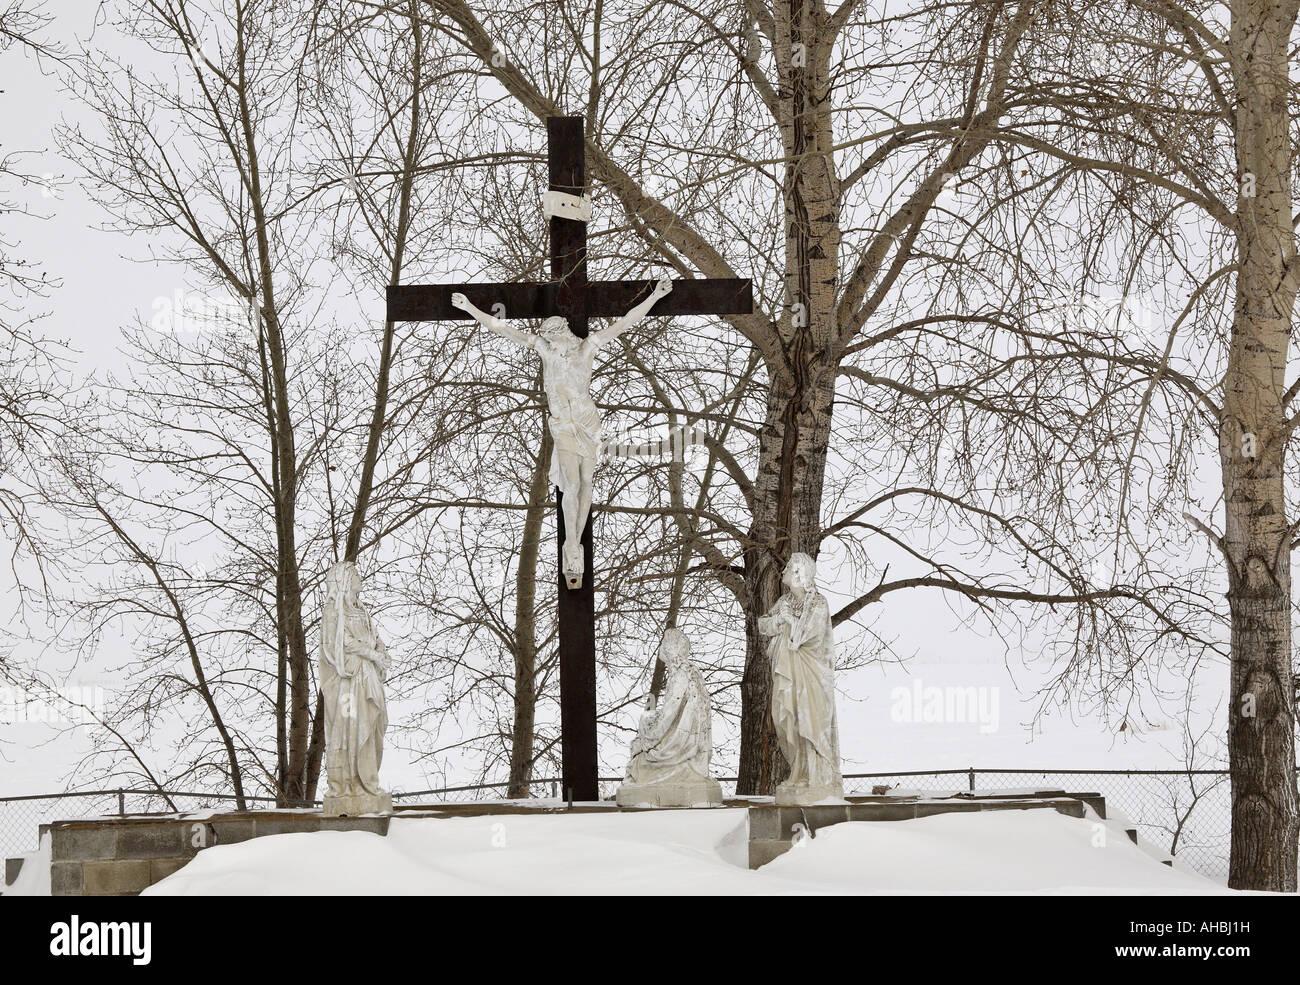 Painet JL7211 Invierno 5 la cruz de Cristo Jesús país cementerio cementerio Saskatchewan Canadá escena rural paisaje pintoresco Foto de stock